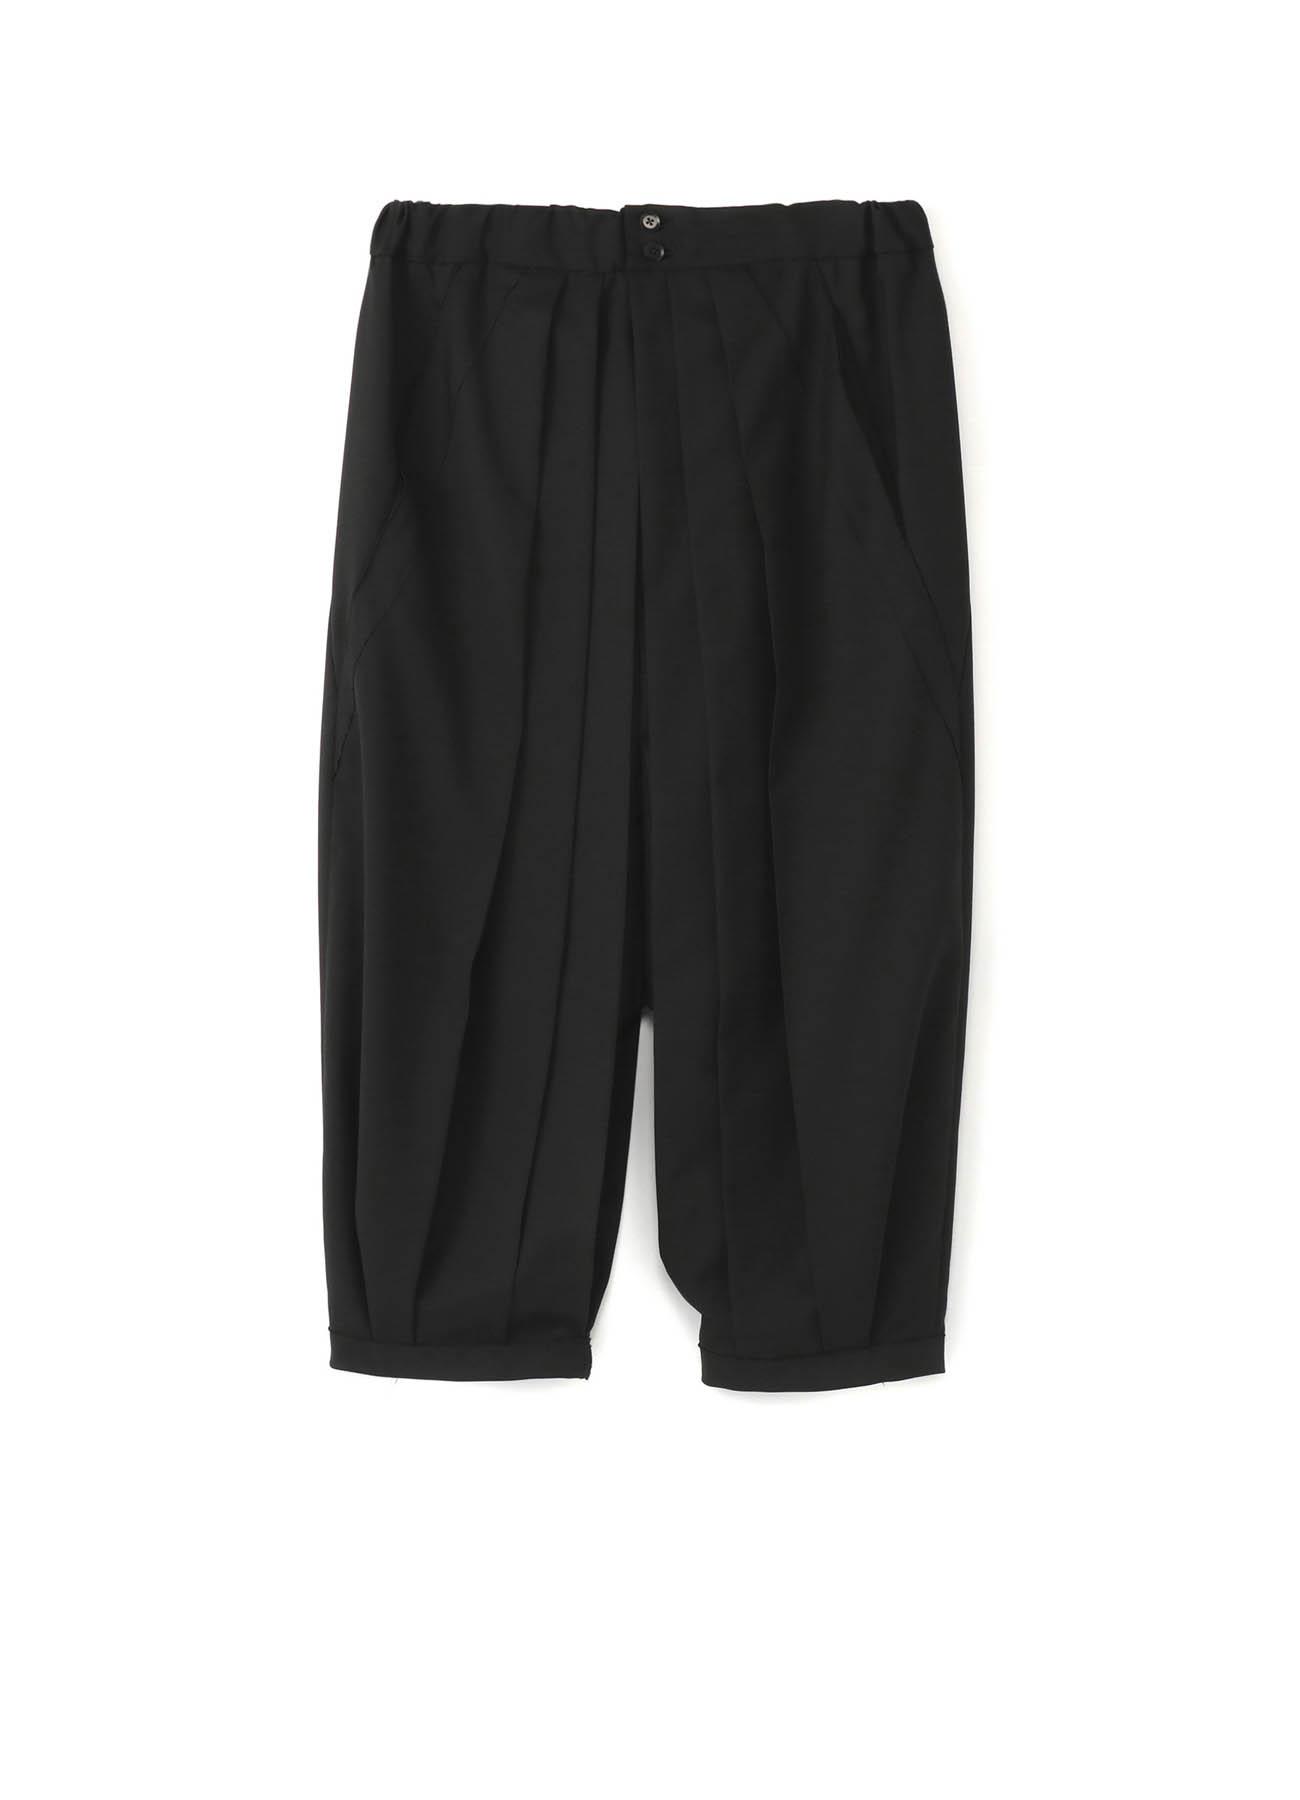 经典和风袴设计收腿裤 Type 2